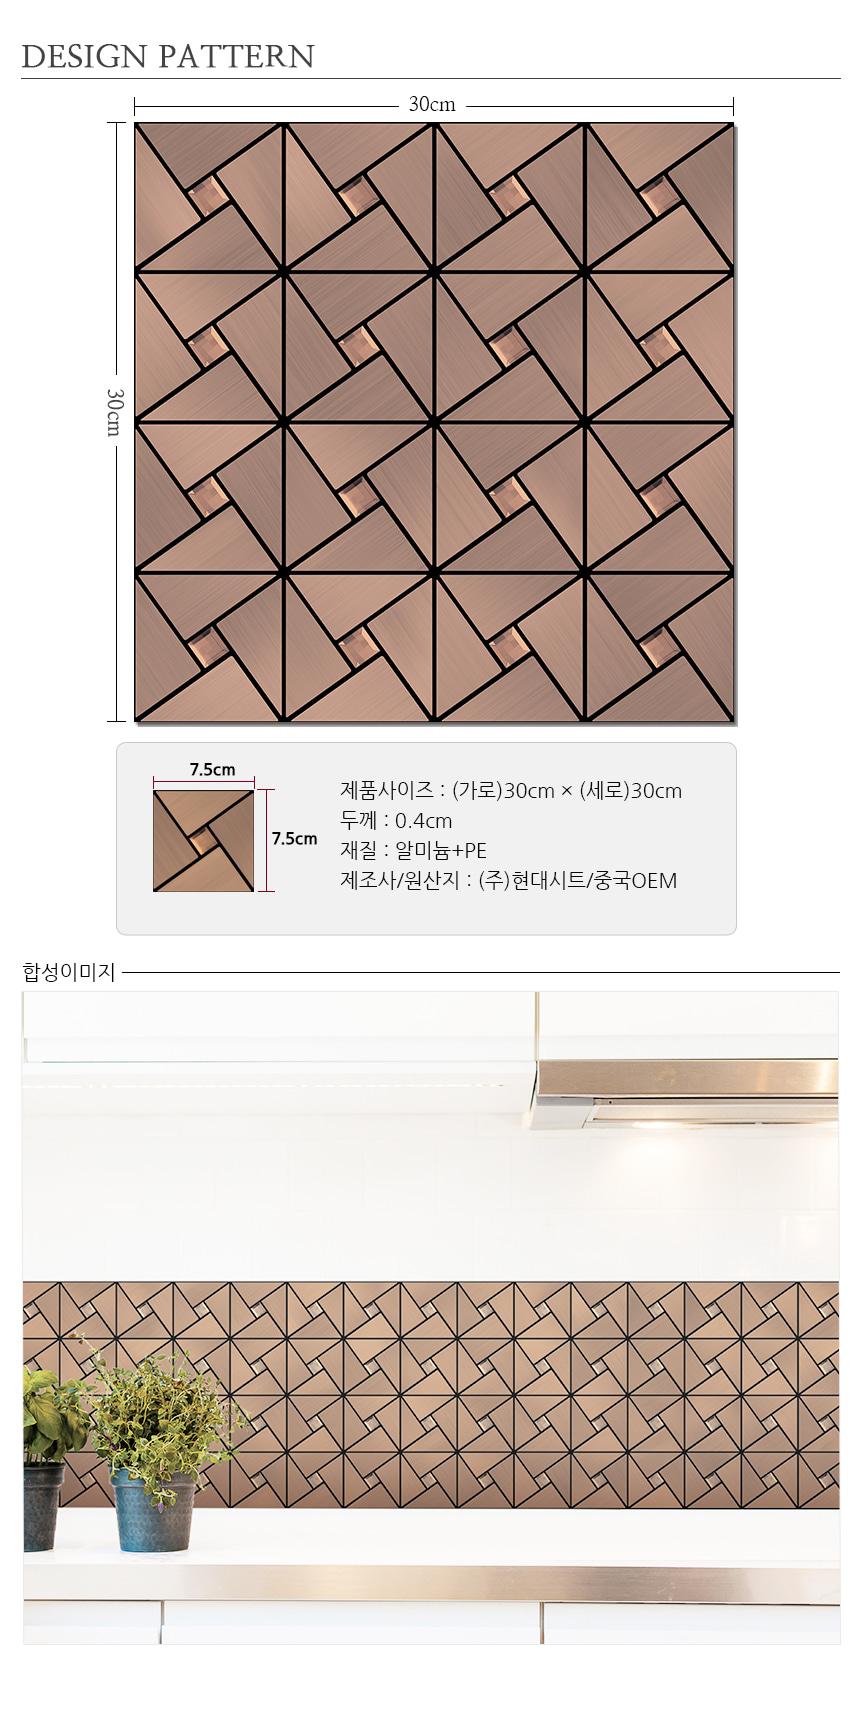 점착식 알미늄 메탈타일 크리스탈 황동75mm (HMT99311) - 데코사랑, 6,270원, 장식/부자재, 벽장식